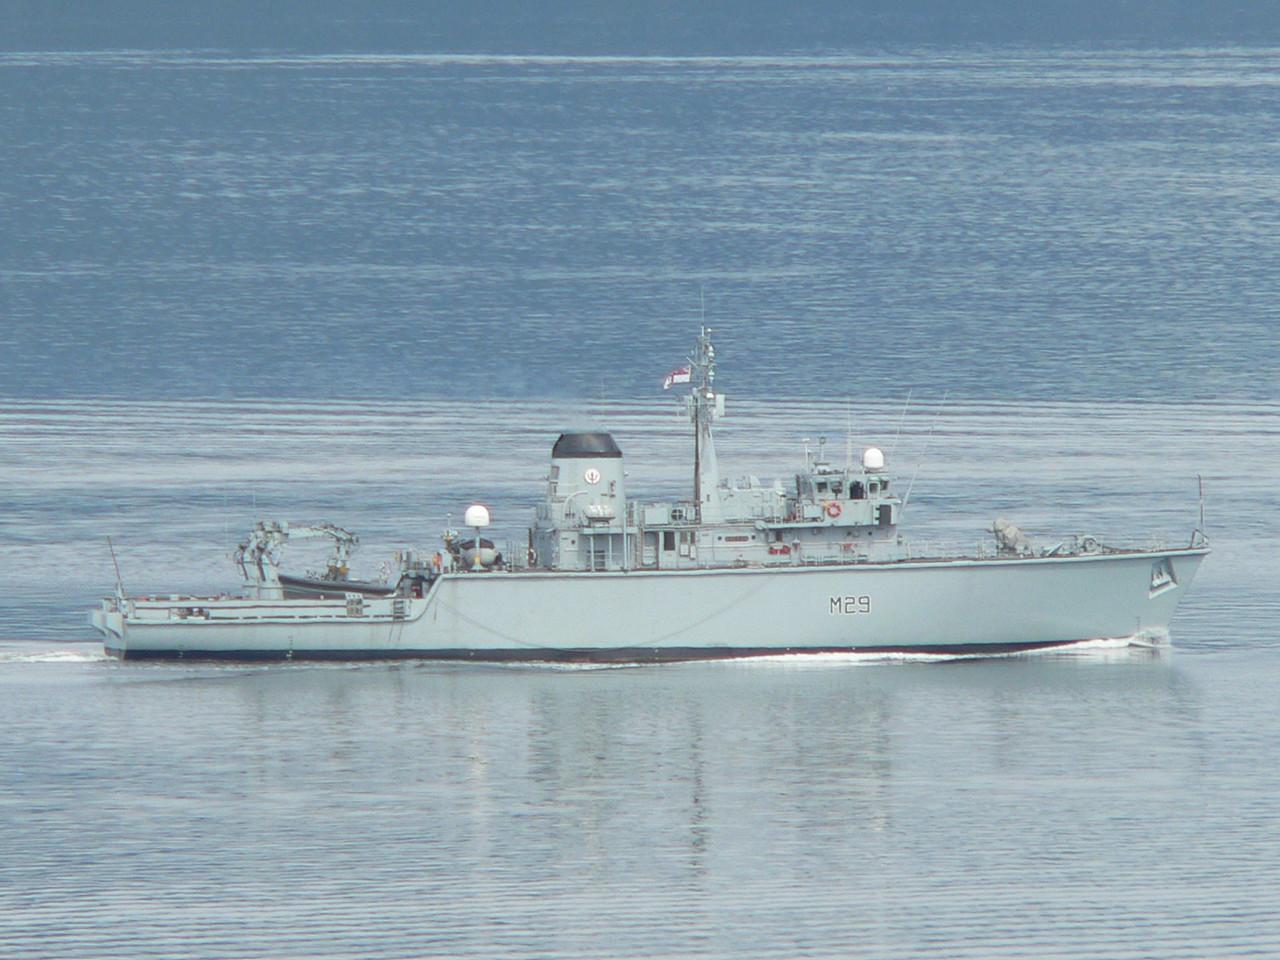 M-29 HMS BRECON